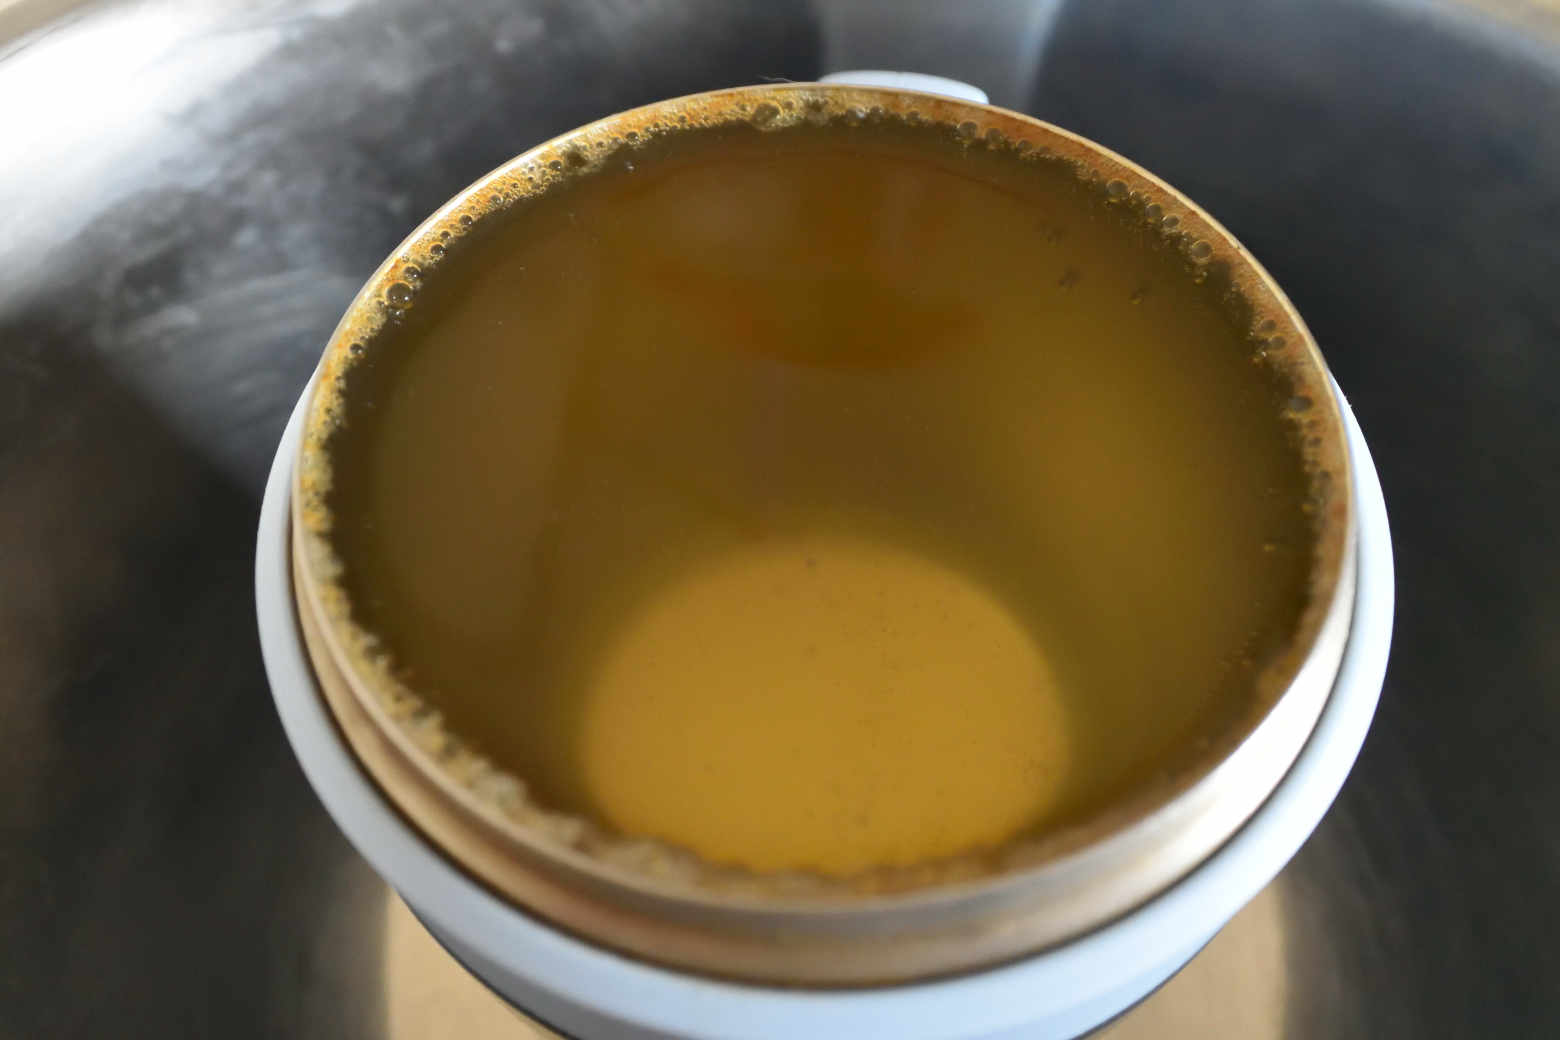 洗浄中のカップ